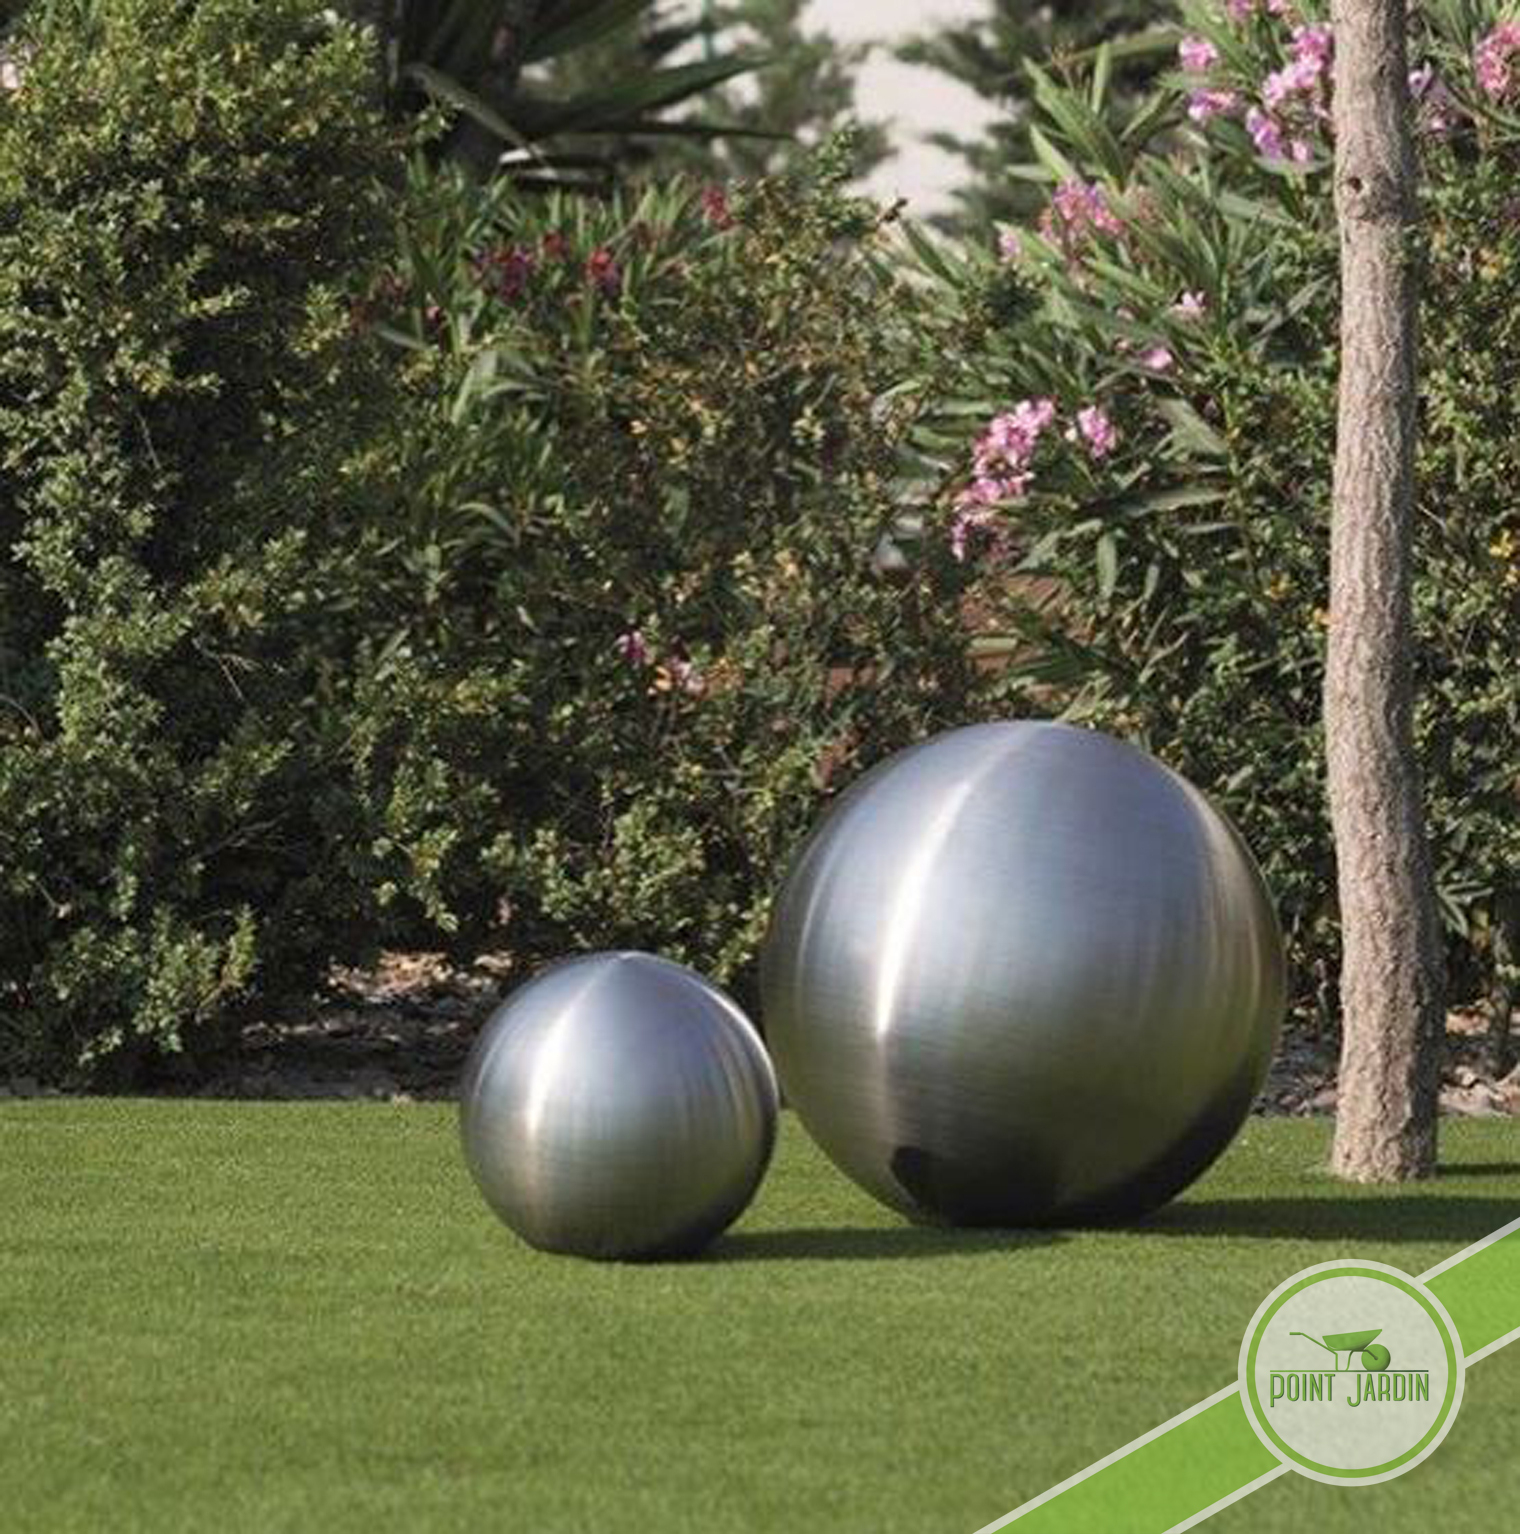 Décoration D'extérieur Kiom Boule En Acier Inoxydable Boule ... tout Boule Decorative Jardin